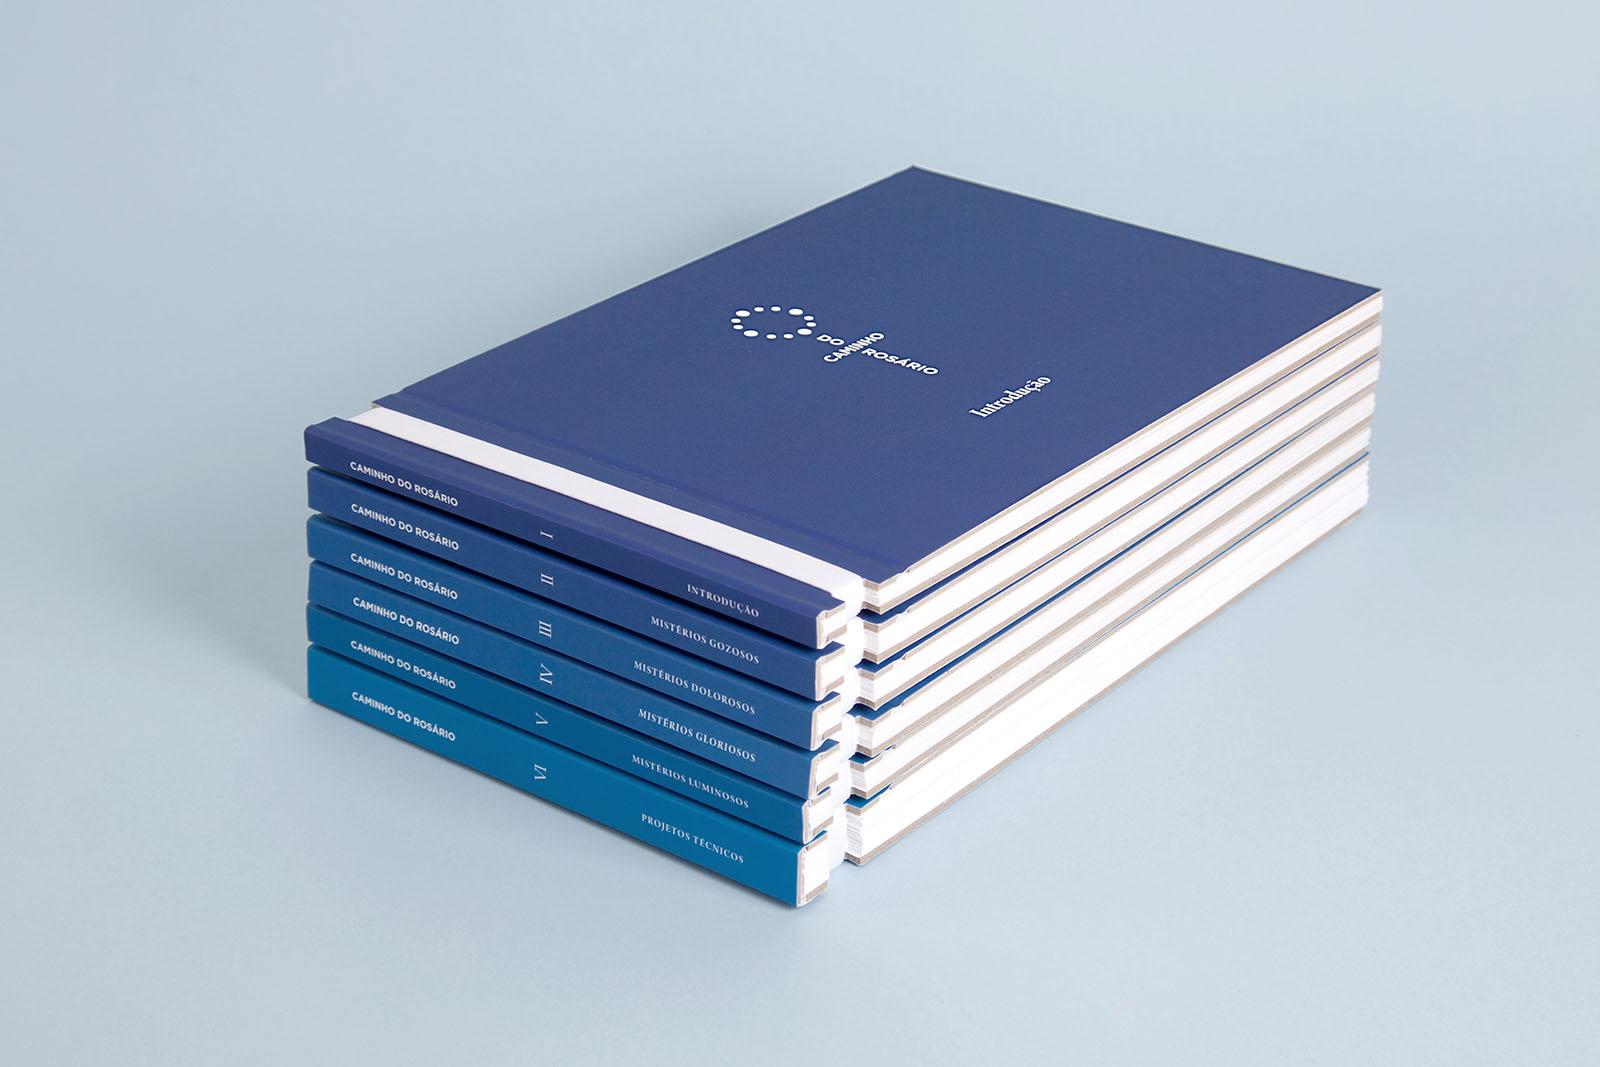 Os seis exemplares que compõem o conjunto de livros do projeto se dividem em introdução, mistérios gozosos, dolorosos, luminosos e gloriosos, além de um exemplar com informações técnicas da obra